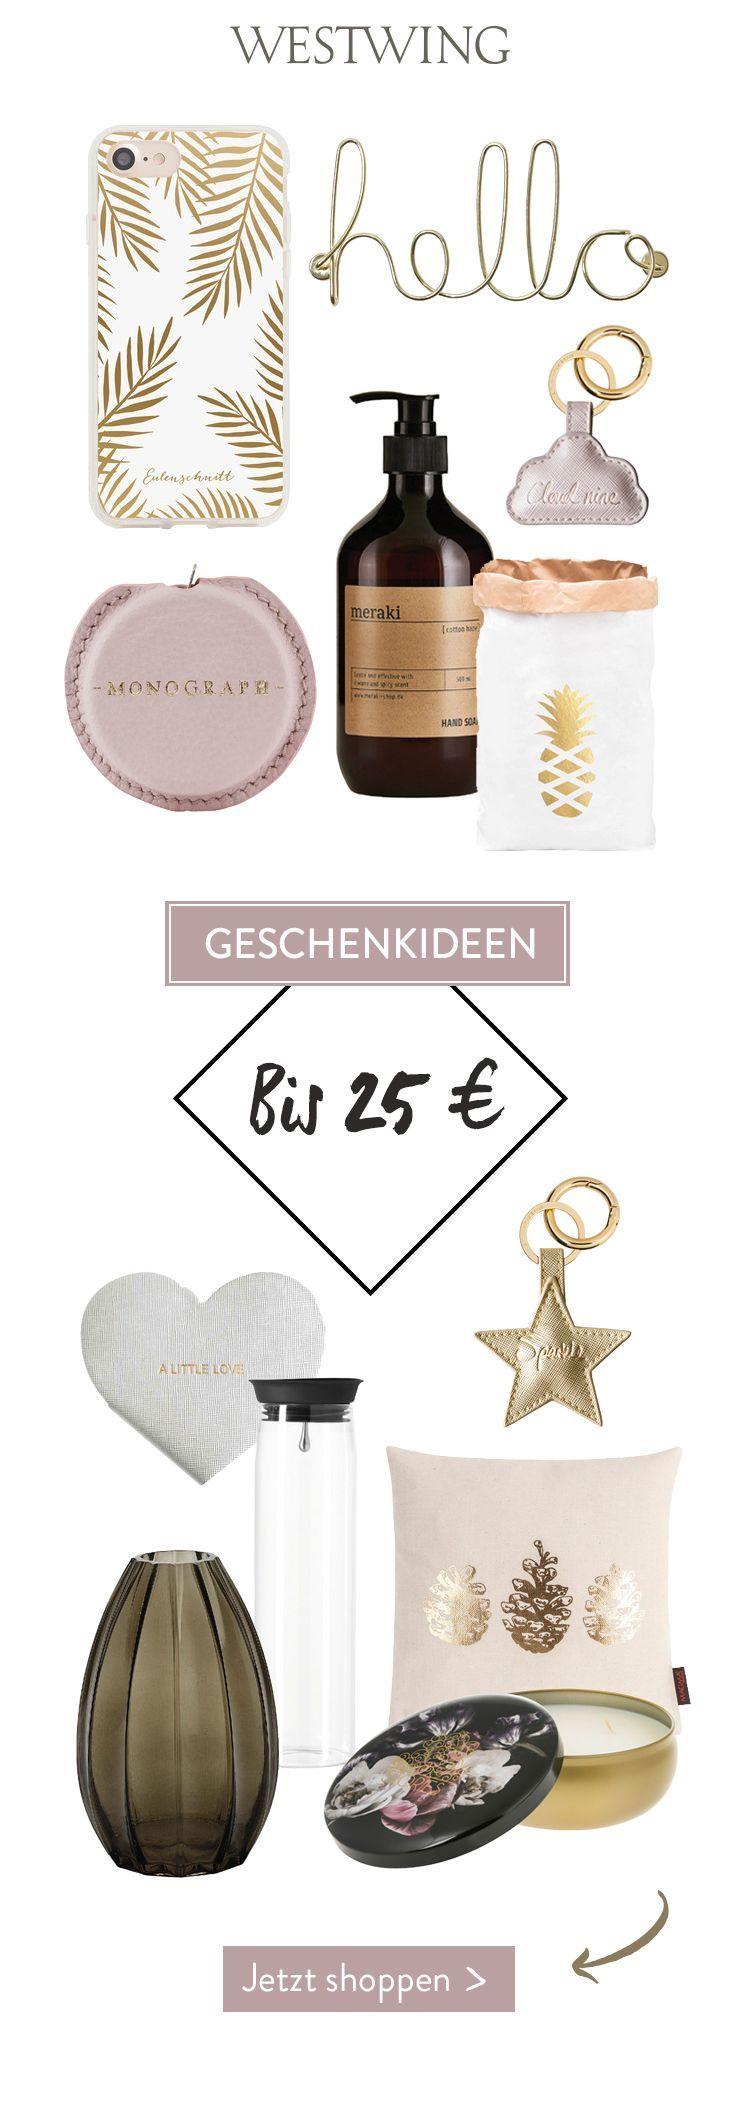 Geschenkideen bis 25 €: Du suchst nach einem schönen, originellen ...